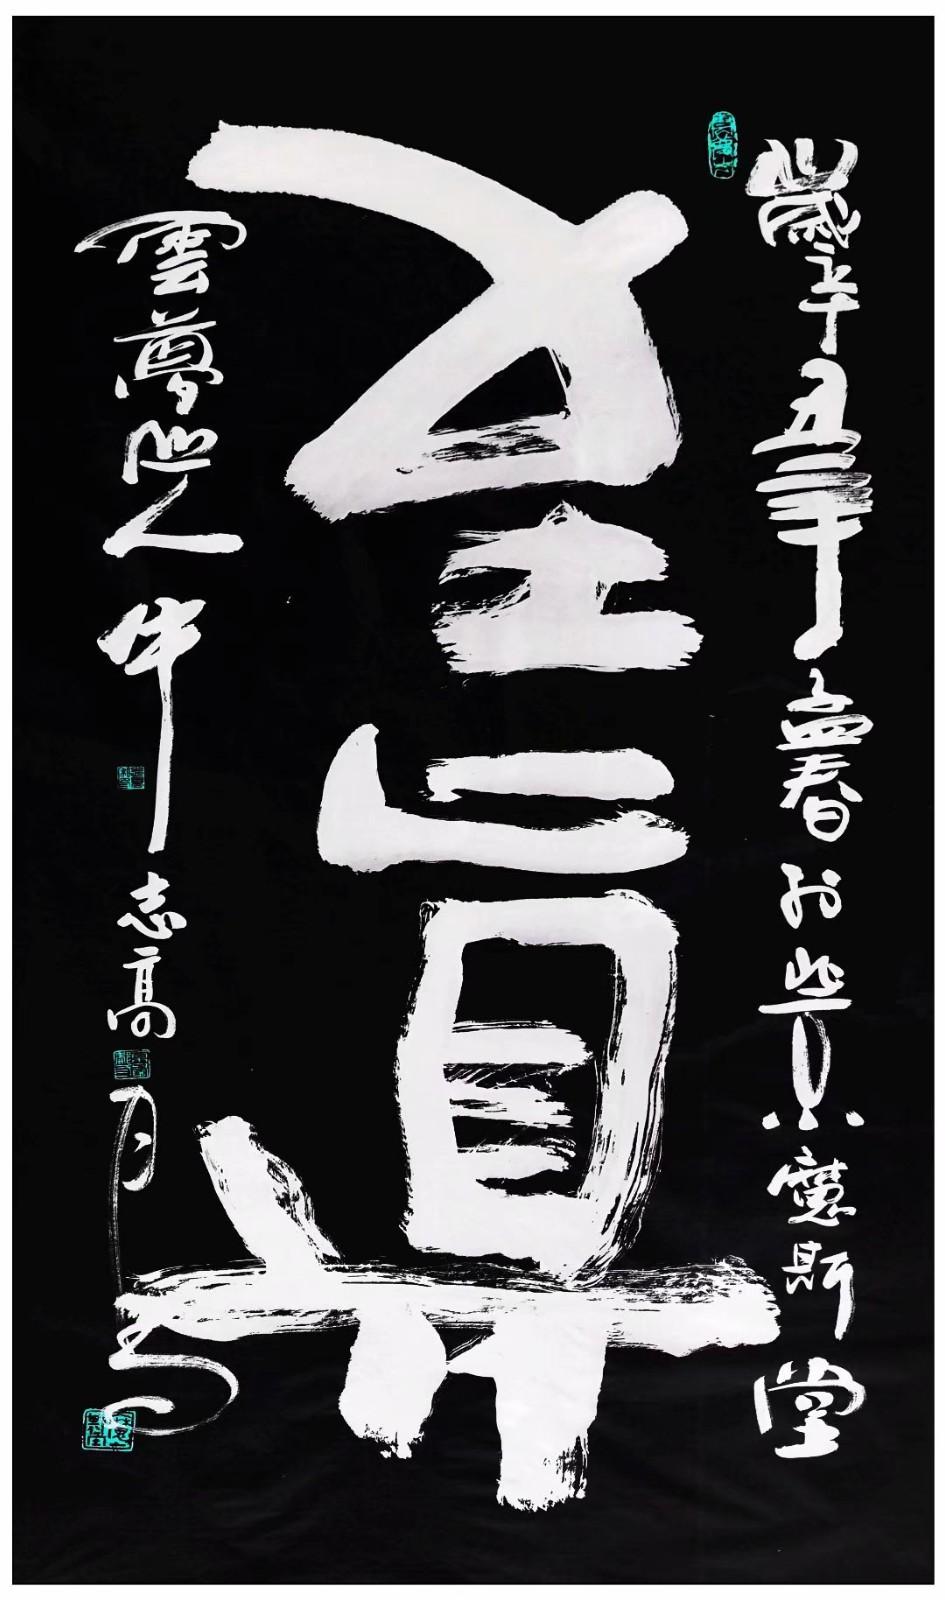 牛志高辛丑年书法新作---2021.02.20_图1-17